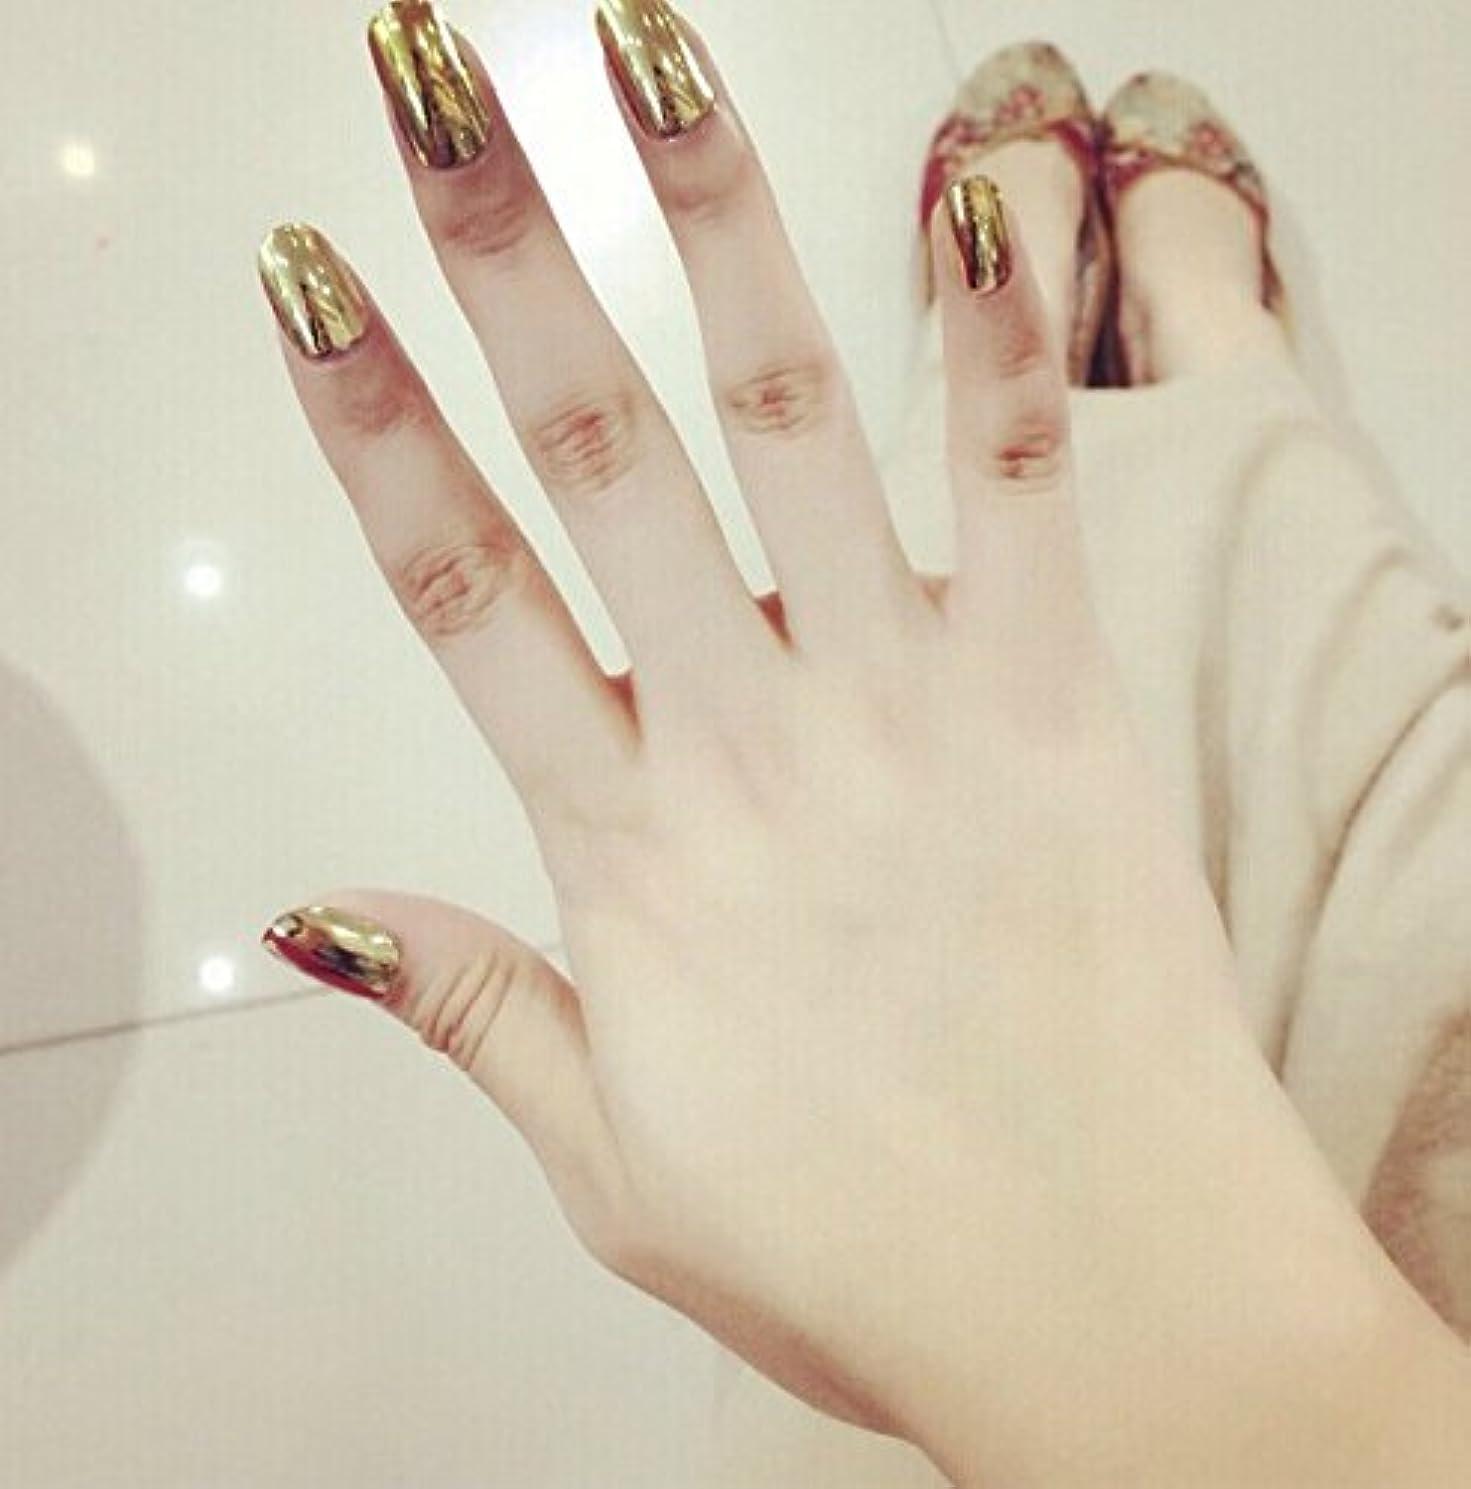 ポップでクールな印象!ピカピカメッキメタルカラーネイルチップ ショート型ネイル つけ爪 24枚組 (ゴールド)